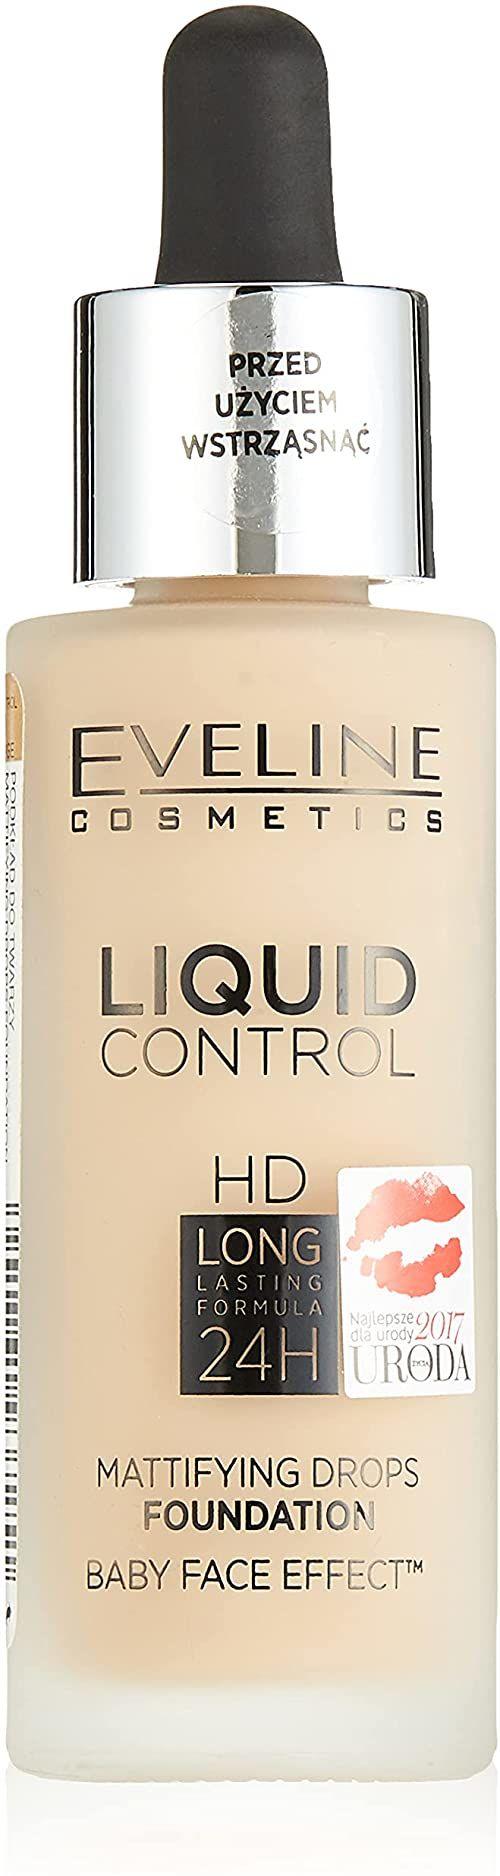 Eveline Cosmetics Liquid Control HD długotrwały podkład matujący 32 ml (020 różowy beż)